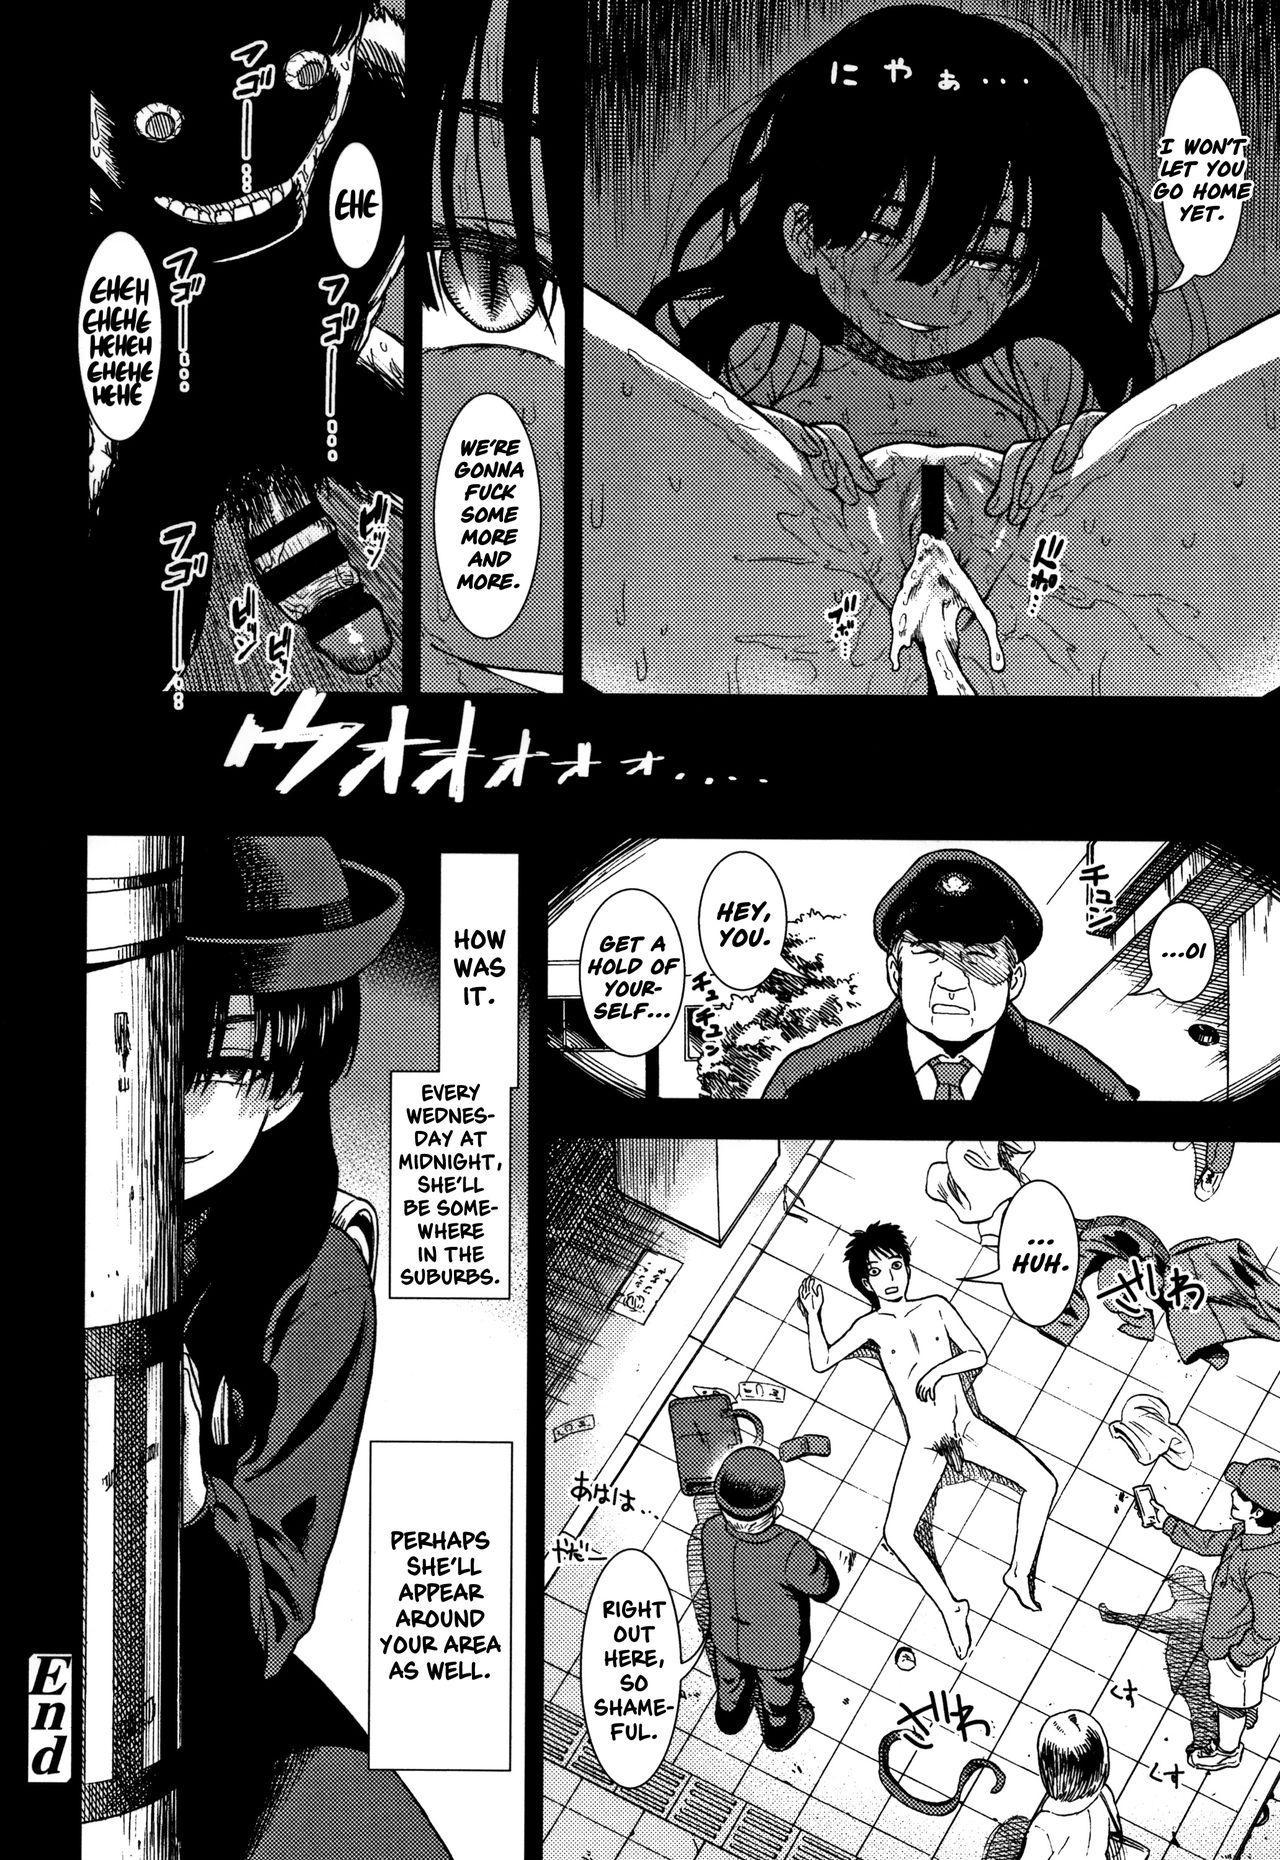 [Sabaku] Suiyoubi no Yoruko-san | Wednesday's Yoruko-san (Onnanoko no Omocha) [English] [Nishimaru] 19